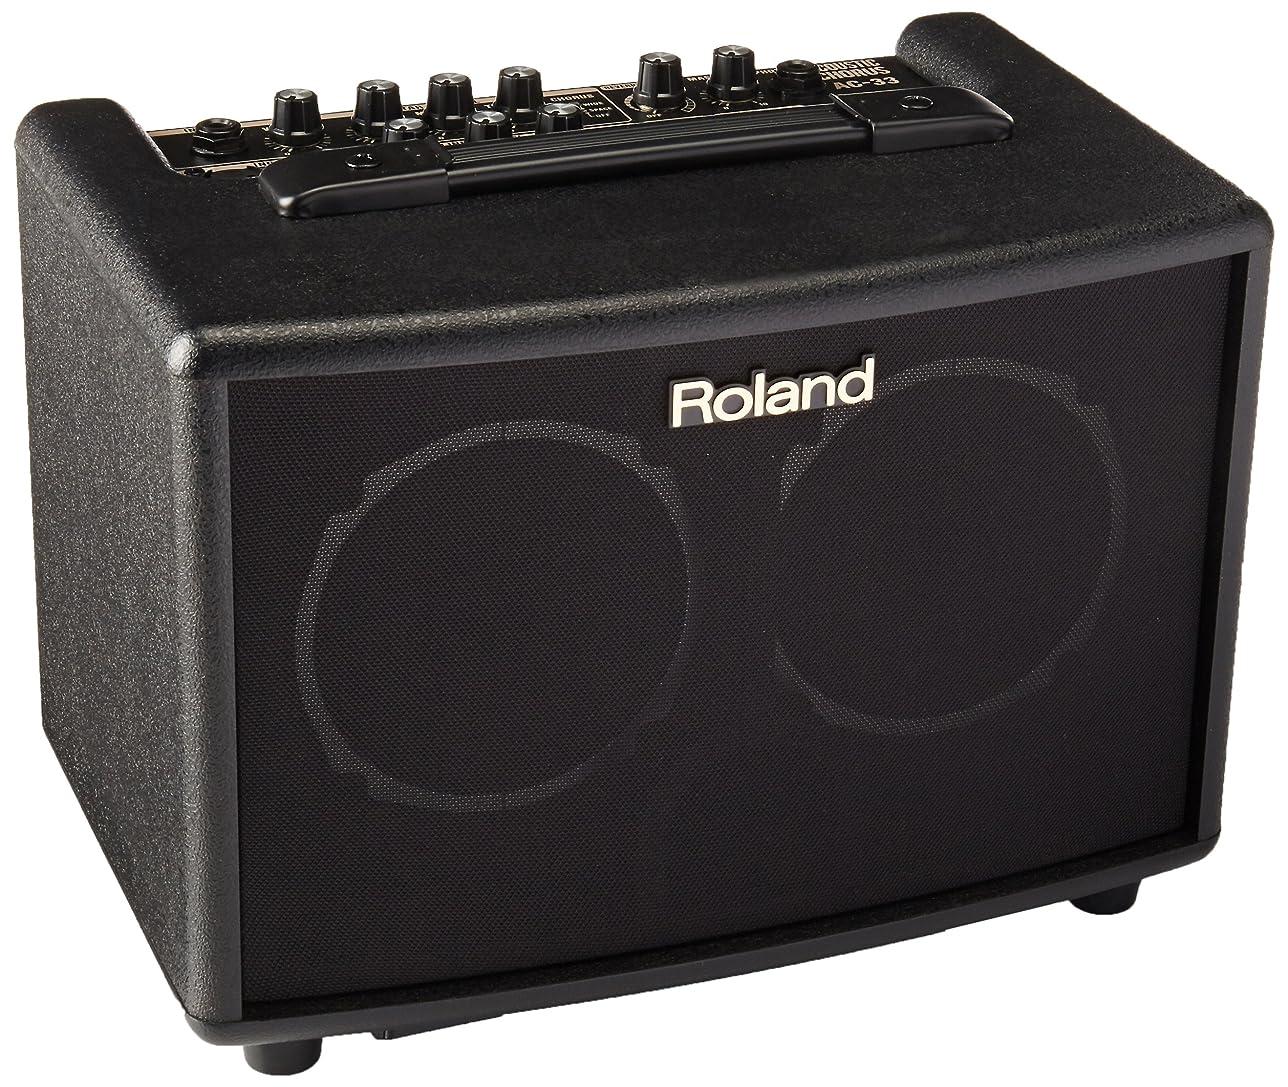 モデレータ階下いつかRoland ローランド アコースティック ギター アンプ 15W+15W ブラック AC-33